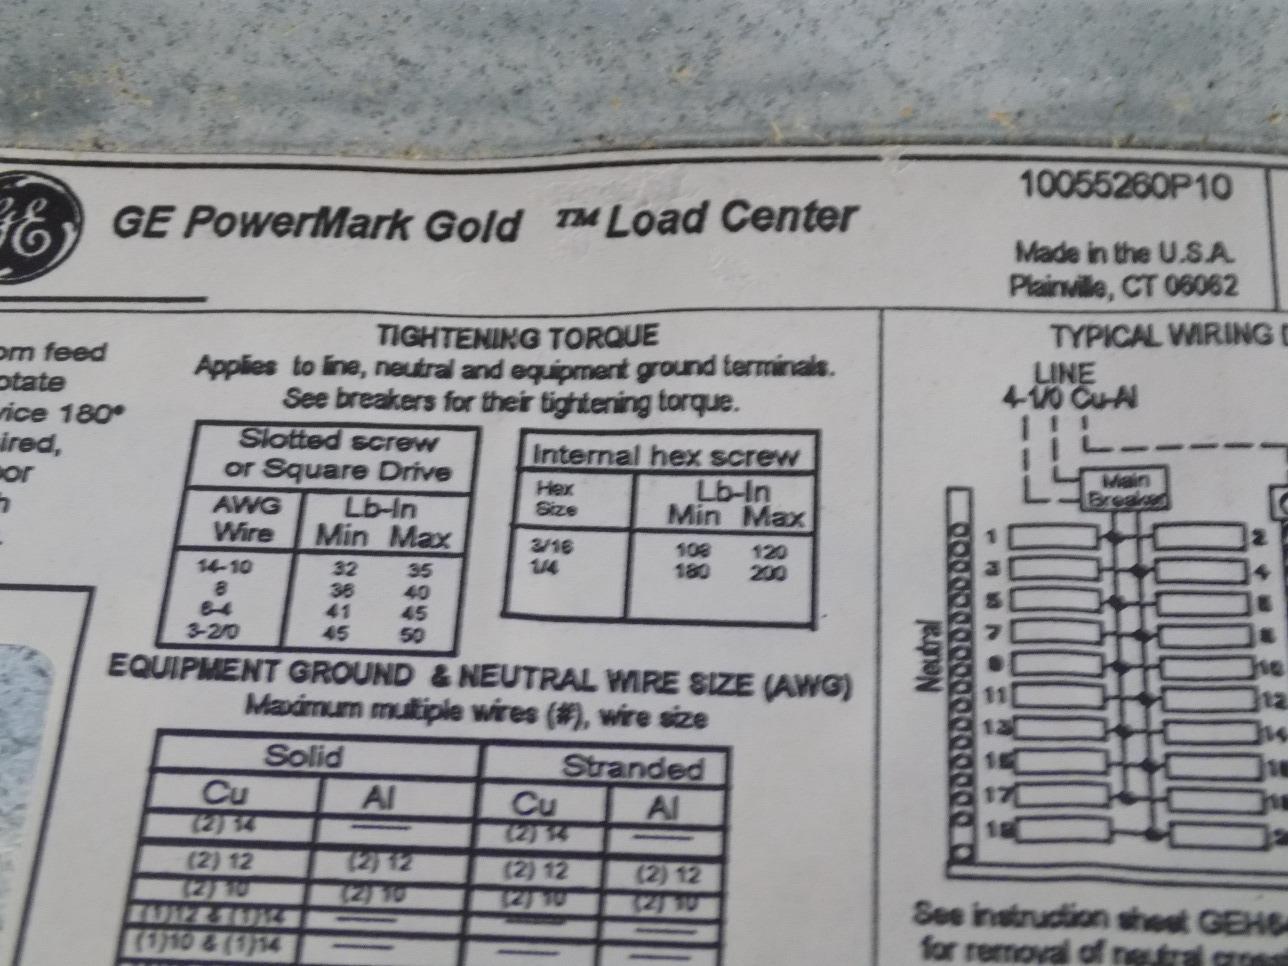 Ge 1 phase 100amp main breaker load center pro line tm2010ccupl4 nib ge 1 phase 100amp main breaker load center pro line tm2010ccupl4 nib greentooth Gallery